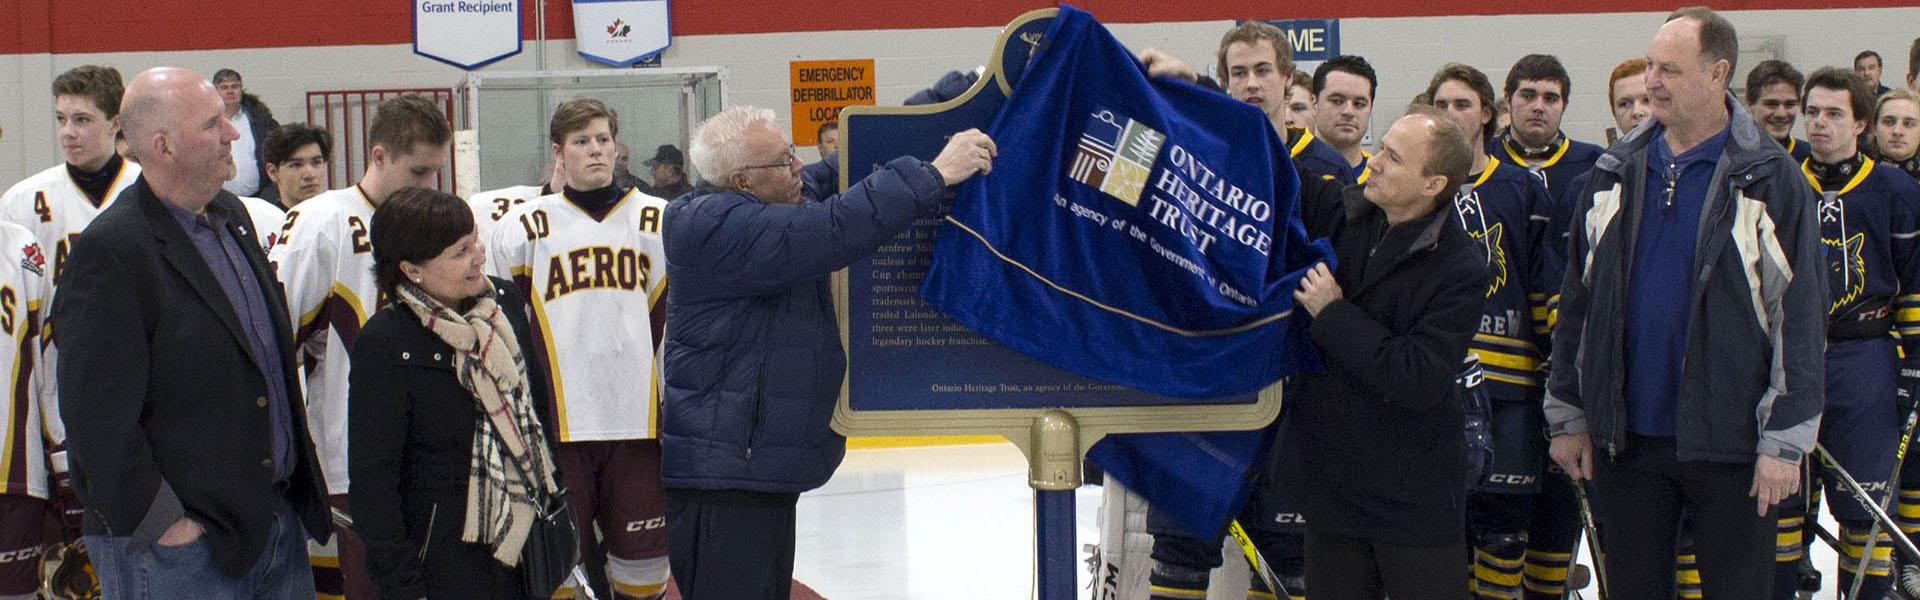 Dévoilement d'une plaque provinciale commémorant Didier Pitre, un des « Flying Frenchmen »